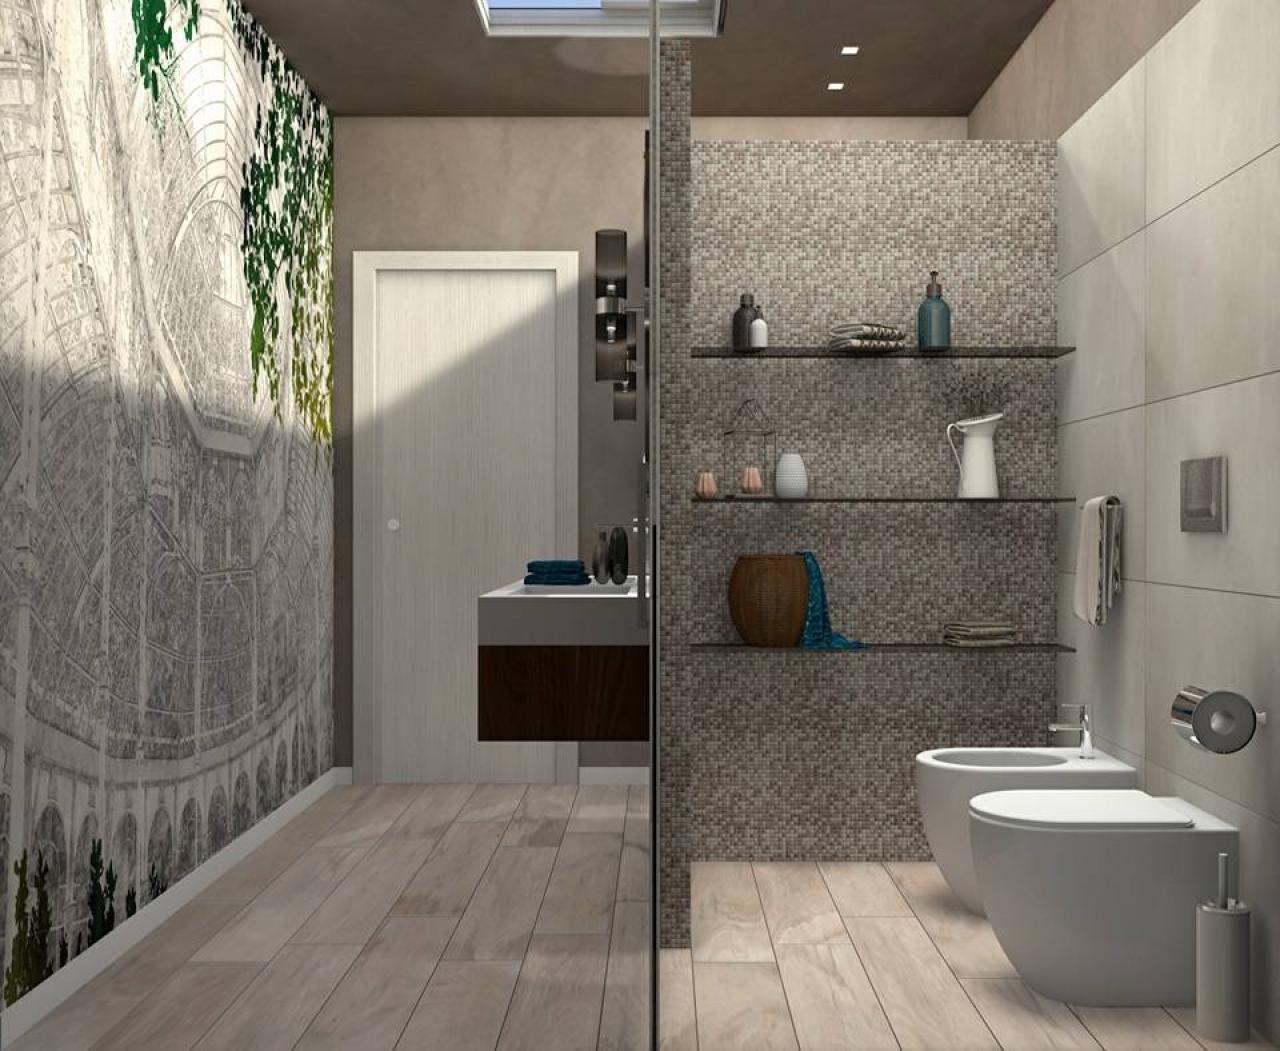 Il bagno secondo il feng shui progettare bagni nelle provincie di vicenza e verona fratelli - Bagni chimici vicenza ...